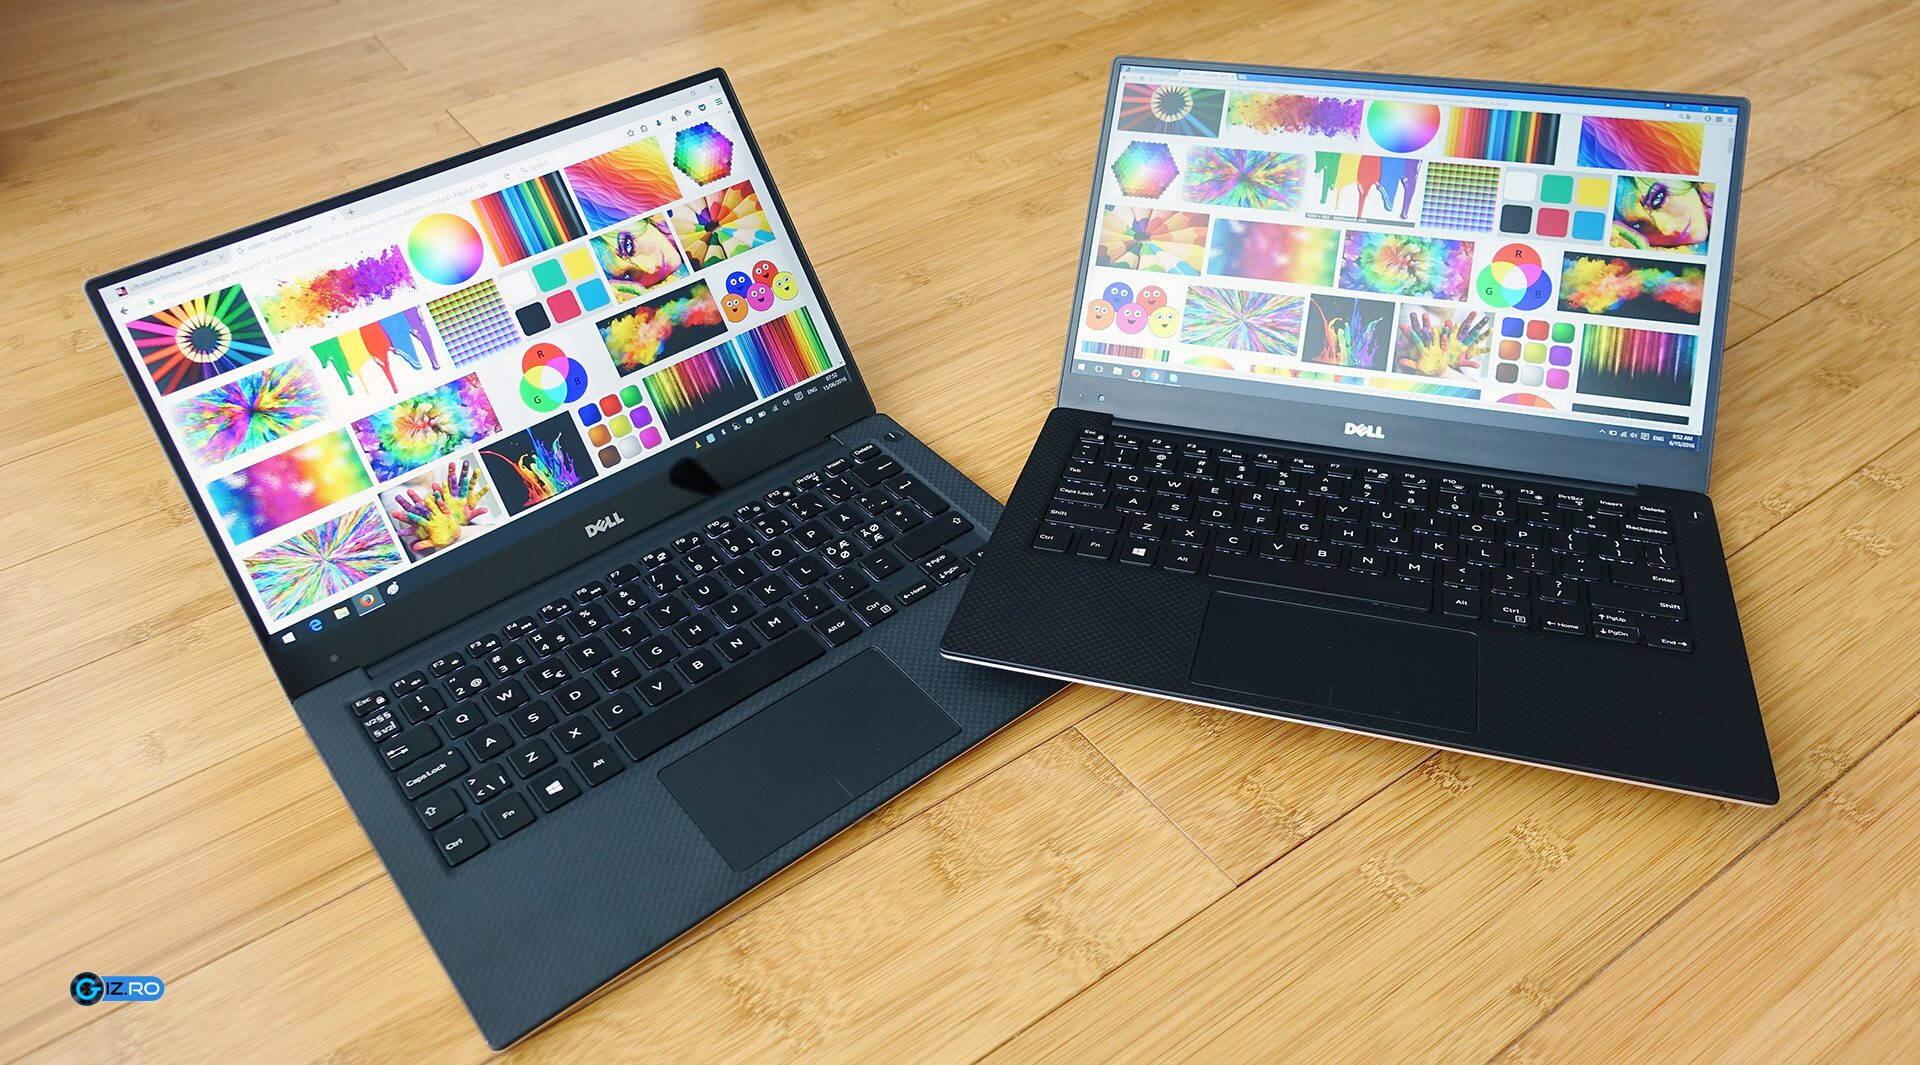 Dell-urile XPS 13 9350 și 9343 sunt laptopuri ultrapotabile excelente, păcat însă că cei de la Dell nu aduc în România și versiunile cu prețuri mai accesibile cumpărătorului de rând